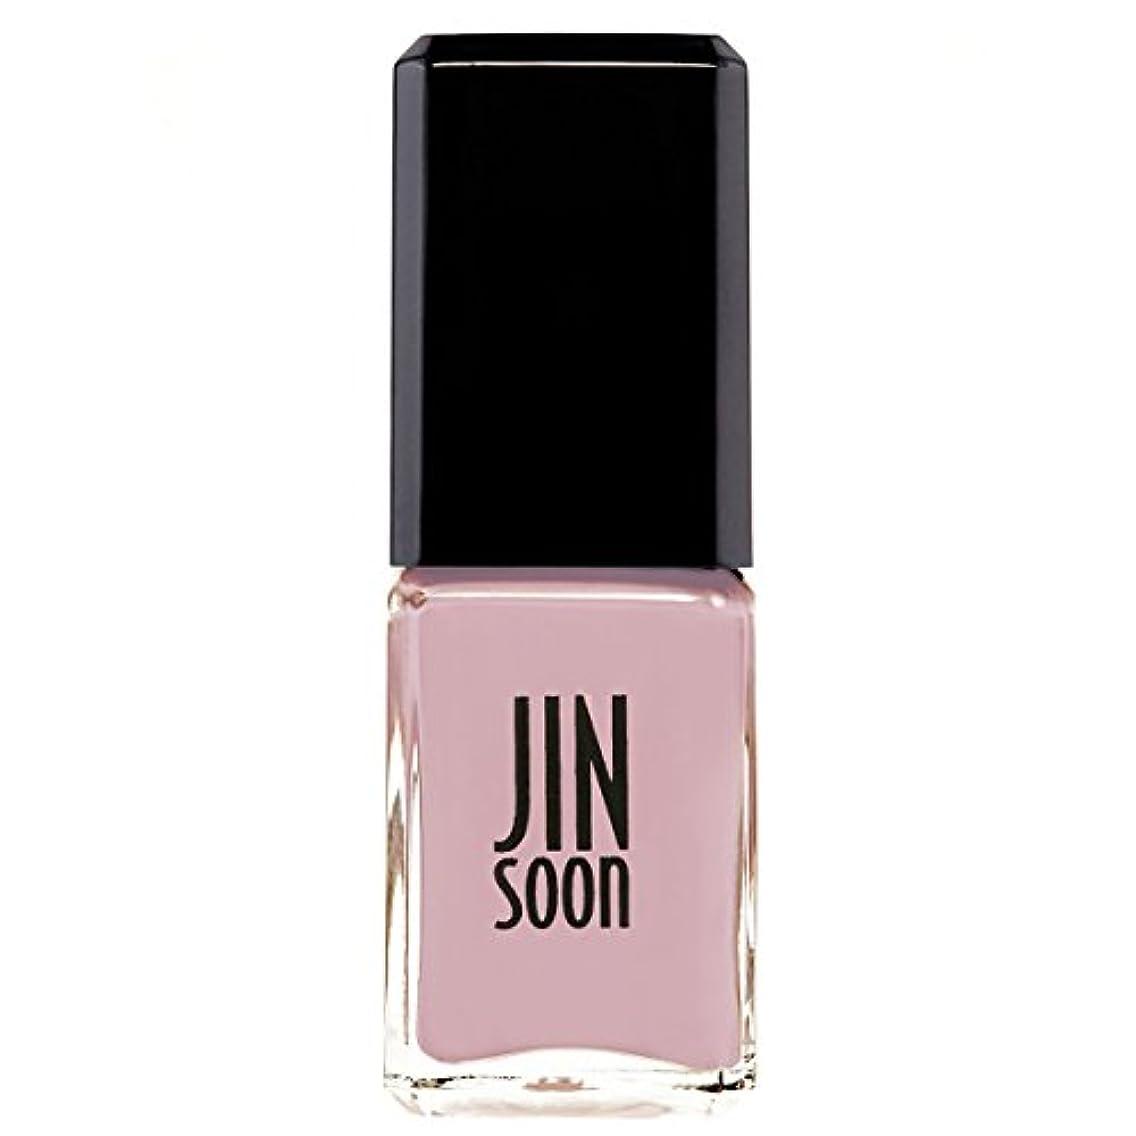 憤る事実上対応[ジンスーン] [ jinsoon] モクシ―(ピンク) MOXIE ジンスーン 5フリー ネイルポリッシュ ピンク 11mL